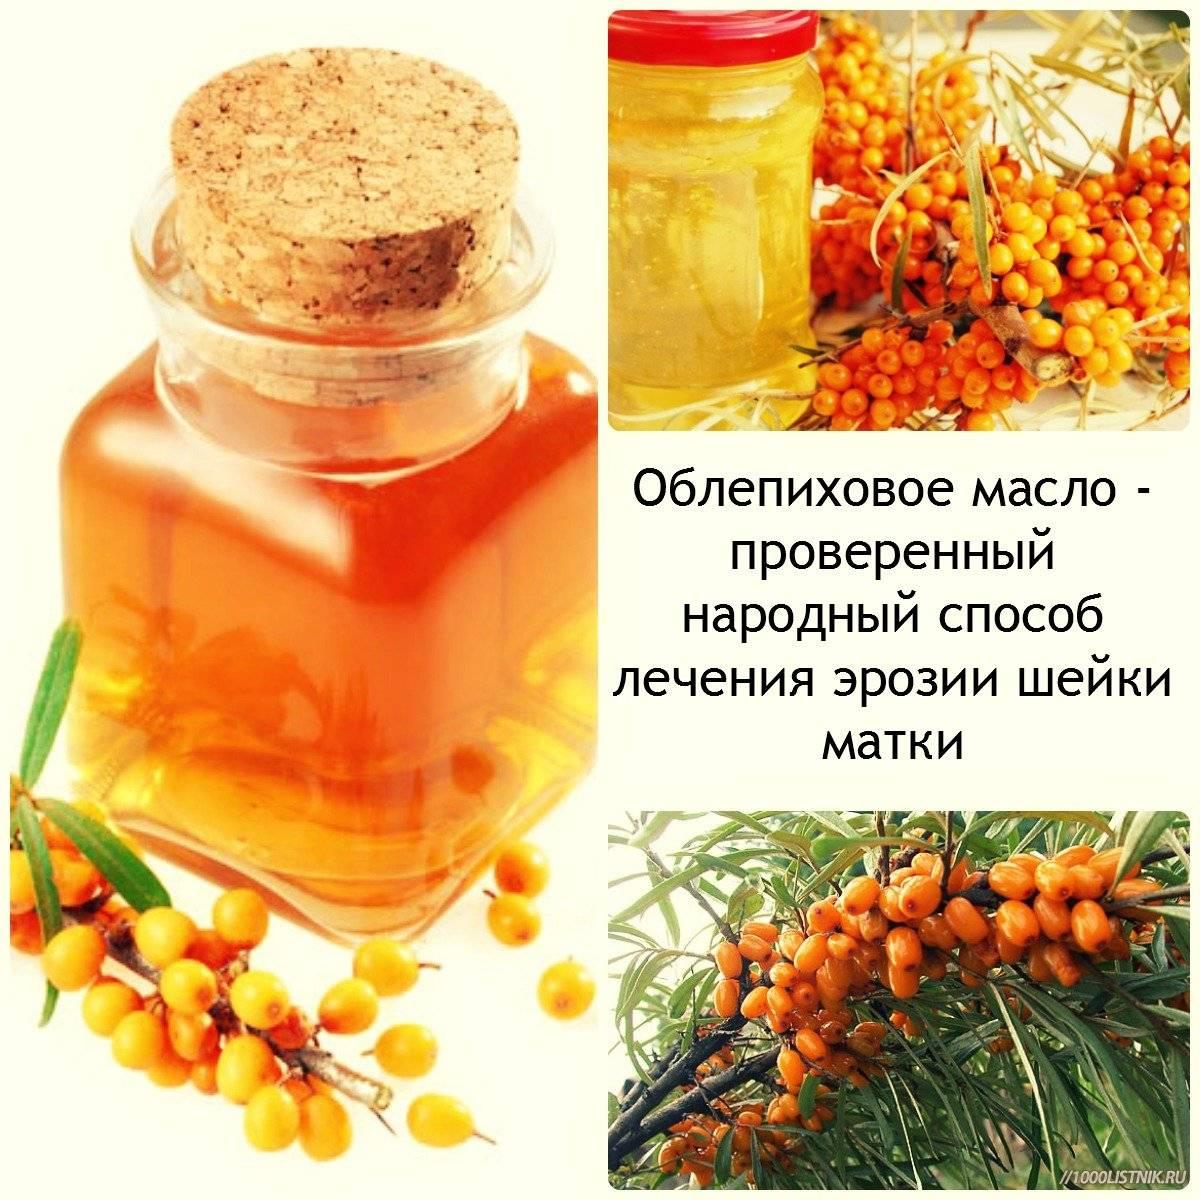 Облепиховое масло при эрозии шейки матки